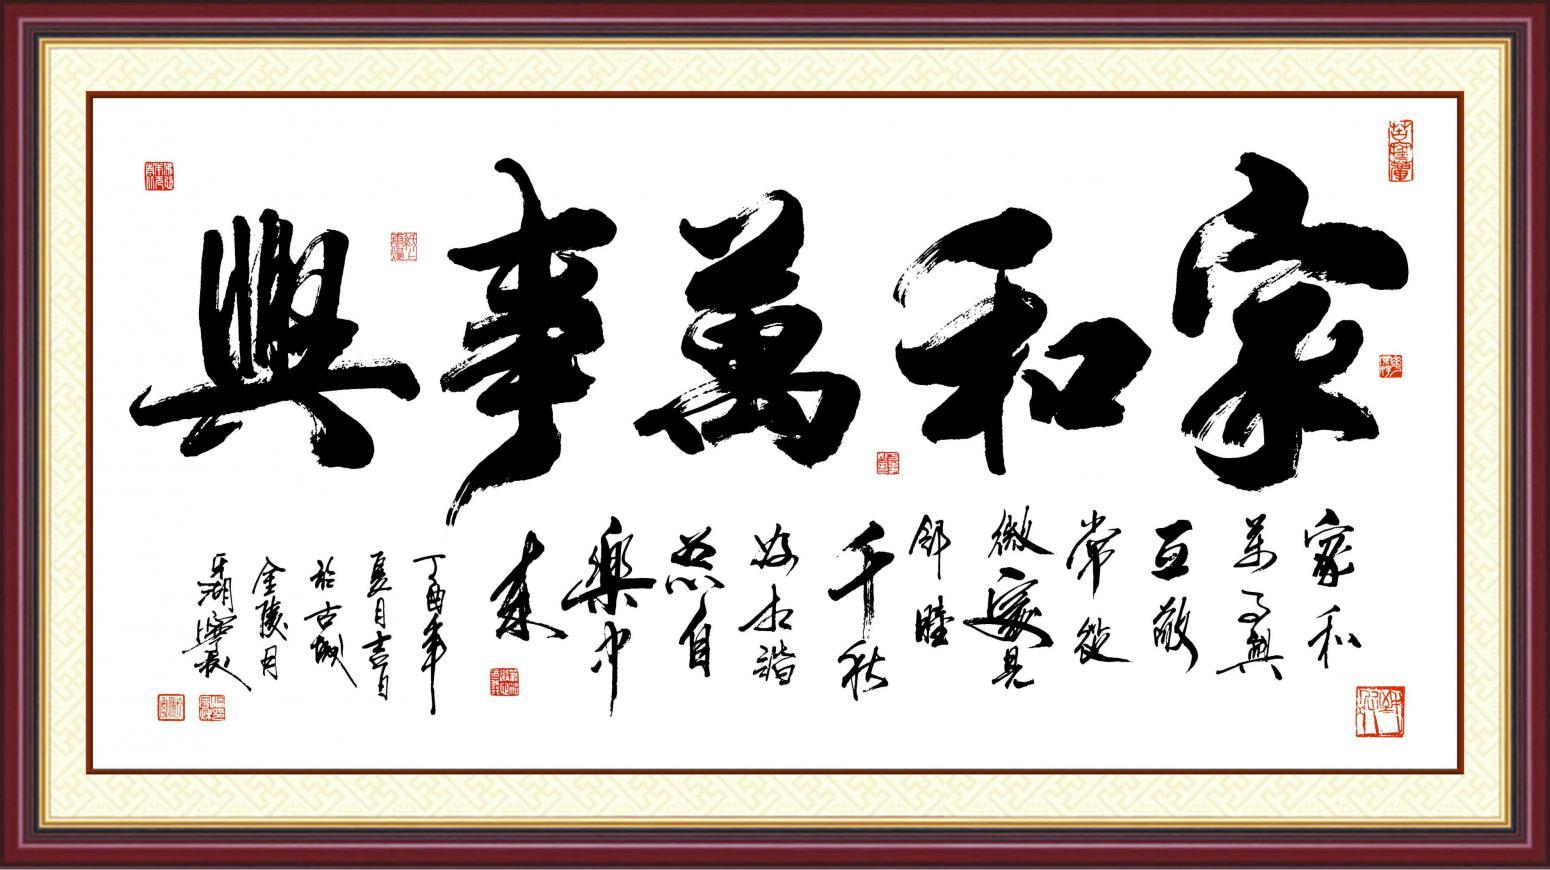 潘宁秋书法作品《家和万事兴》【图0】